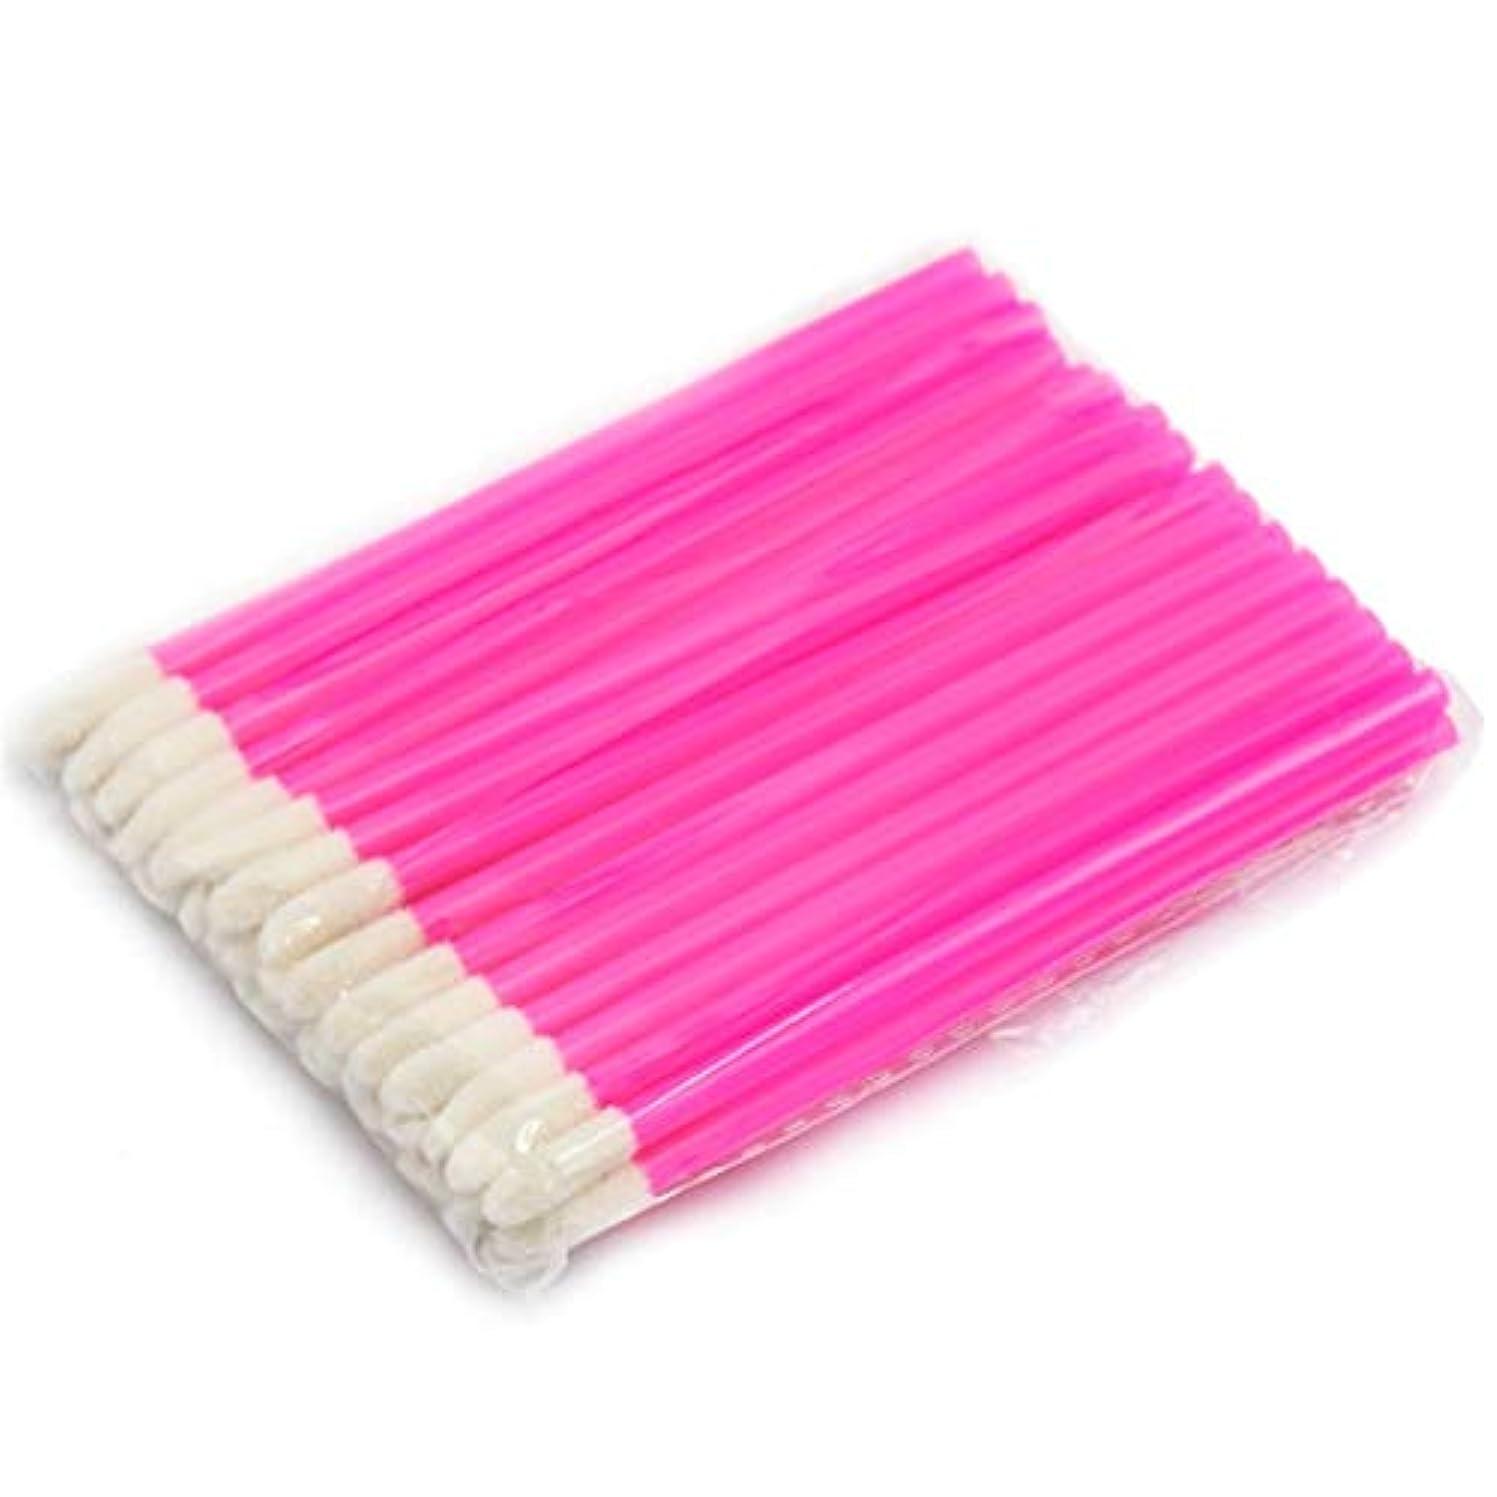 教育者憤る常習的Makeup brushes 使い捨て化粧リップブラシ口紅光沢スティックアプリケーター化粧ツールファッションデザイン-ローズブッシュ suits (Color : Rose)